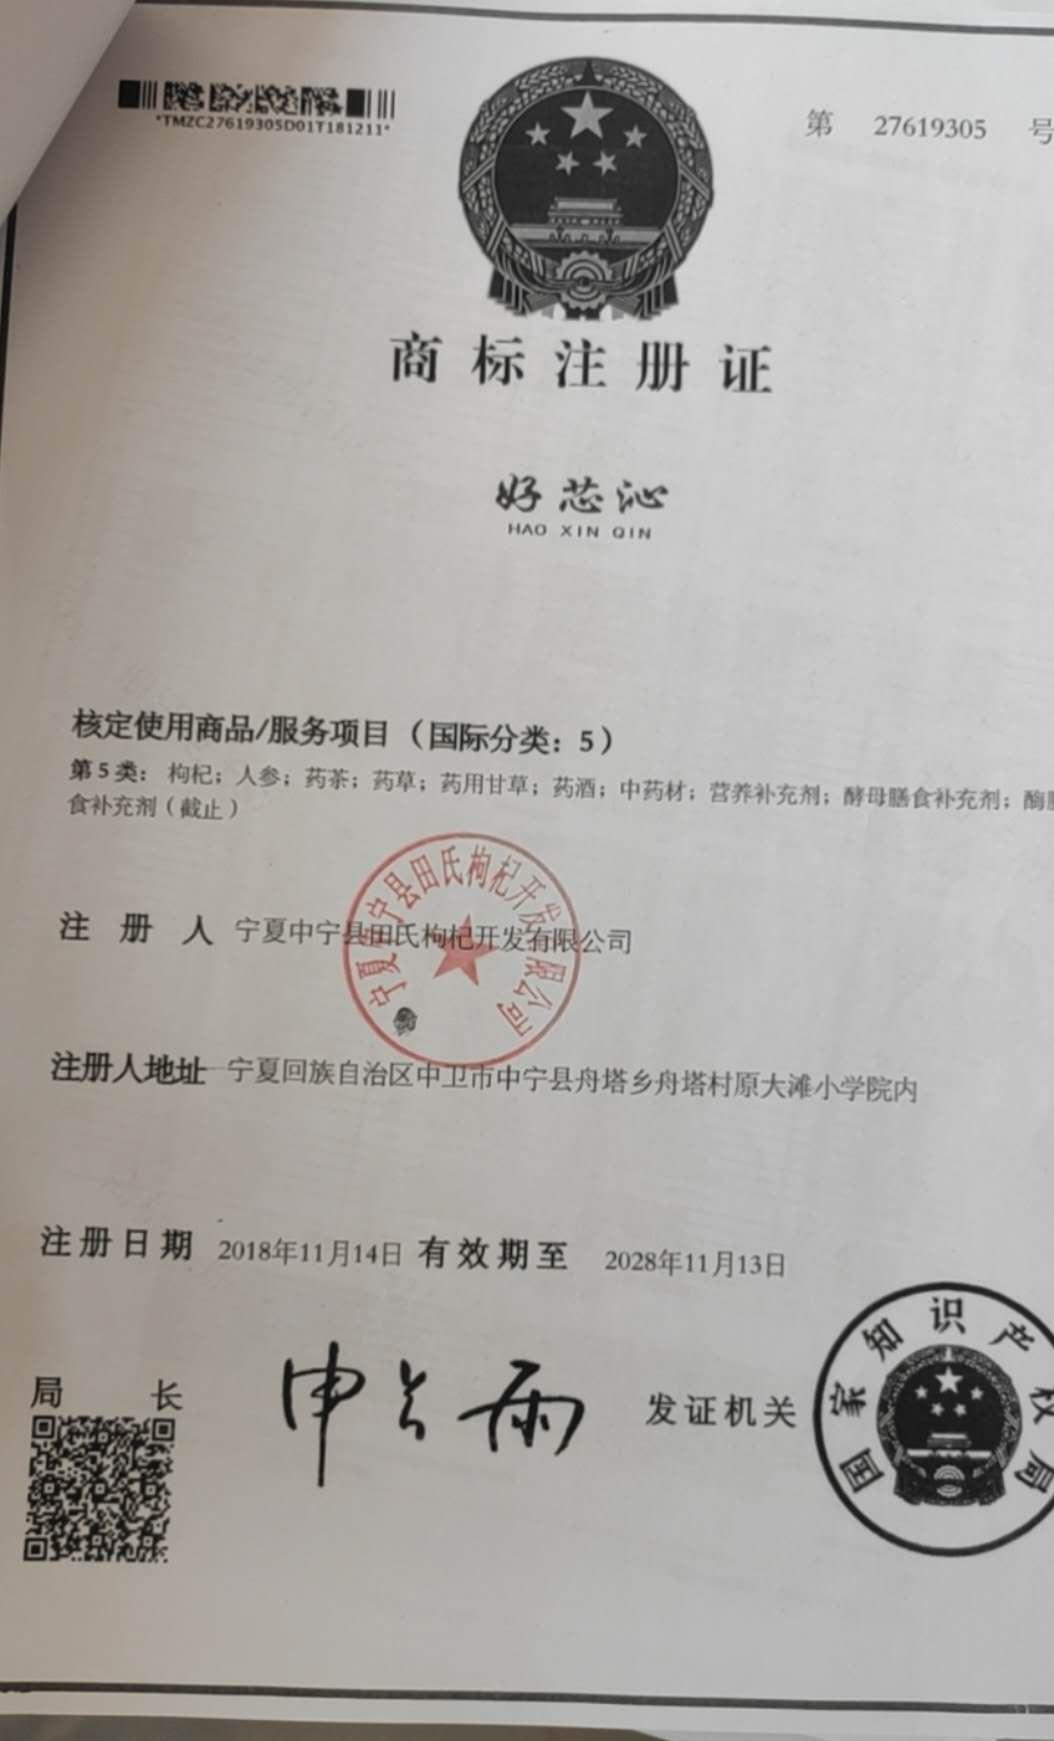 宁夏中宁县田氏枸杞开发有限公司